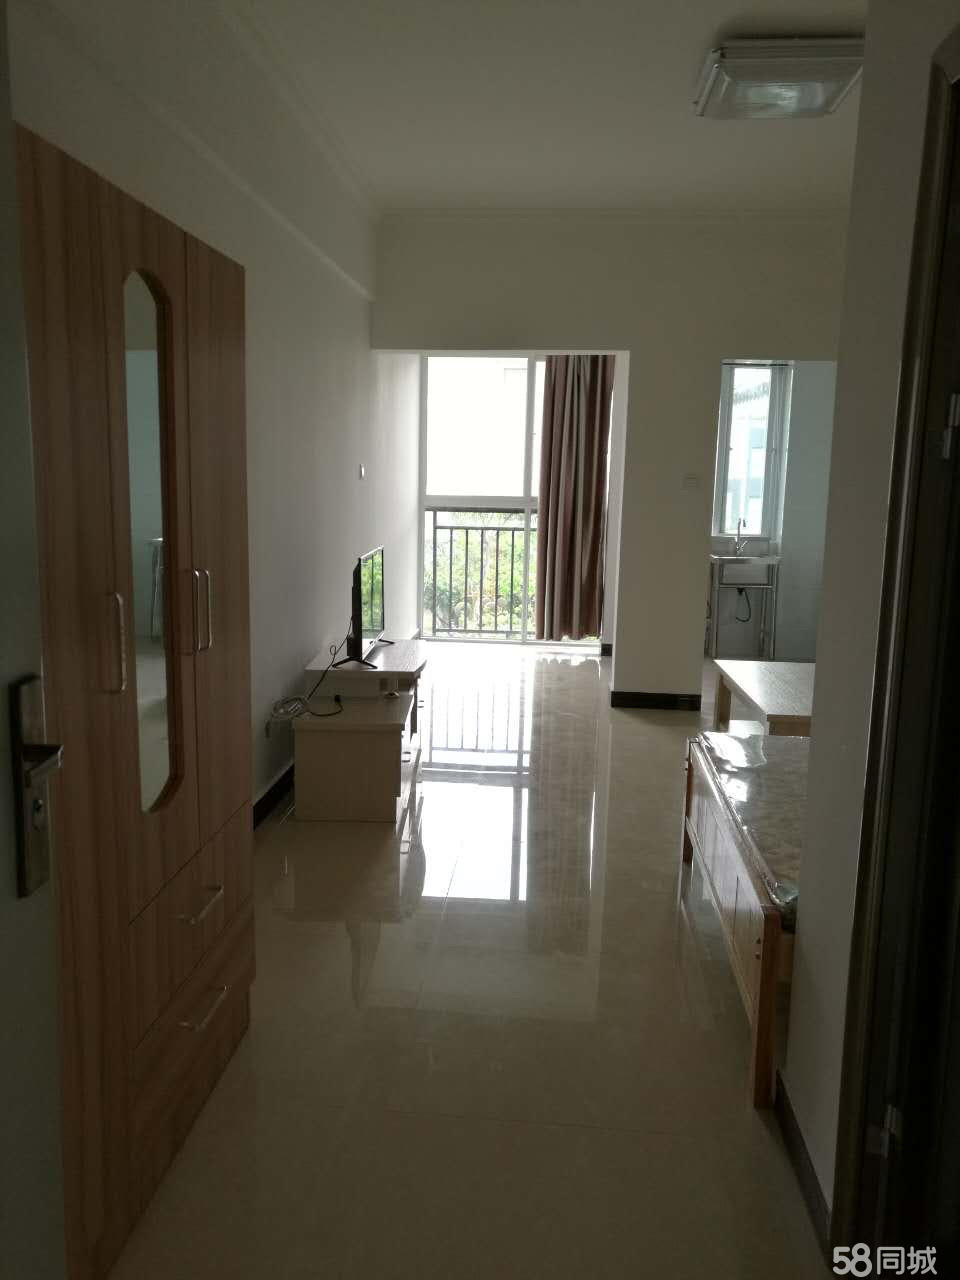 金象广场1室1厅42平米中等装修半年付(个人出租)